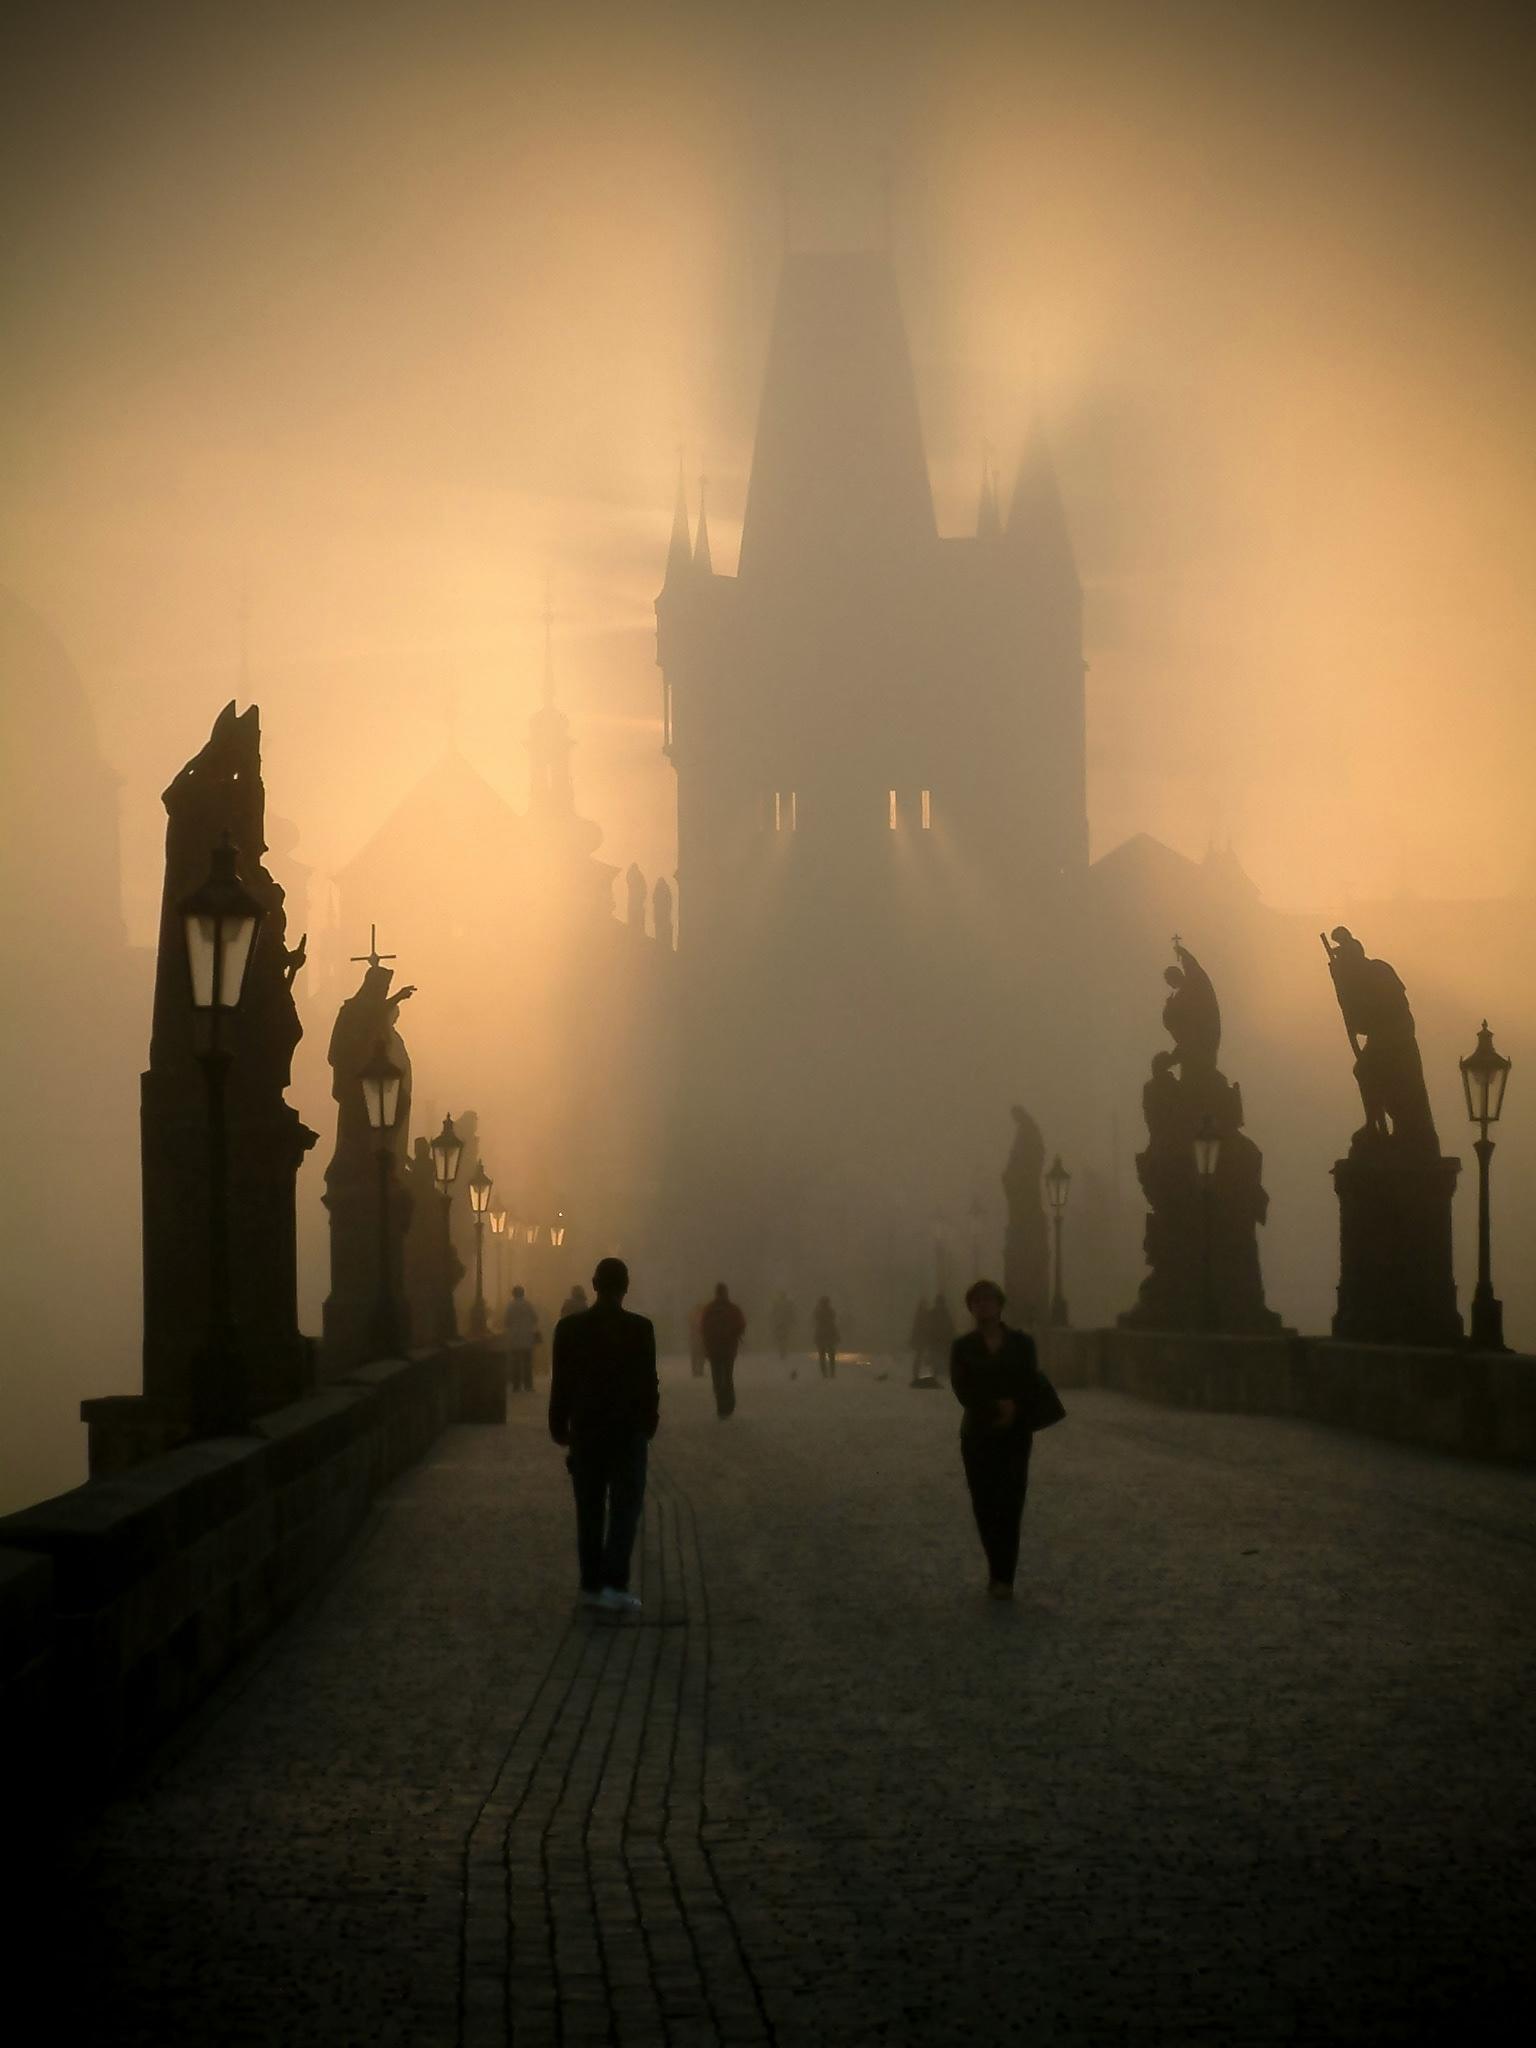 Charles Bridge misty dawn - darylws | ello